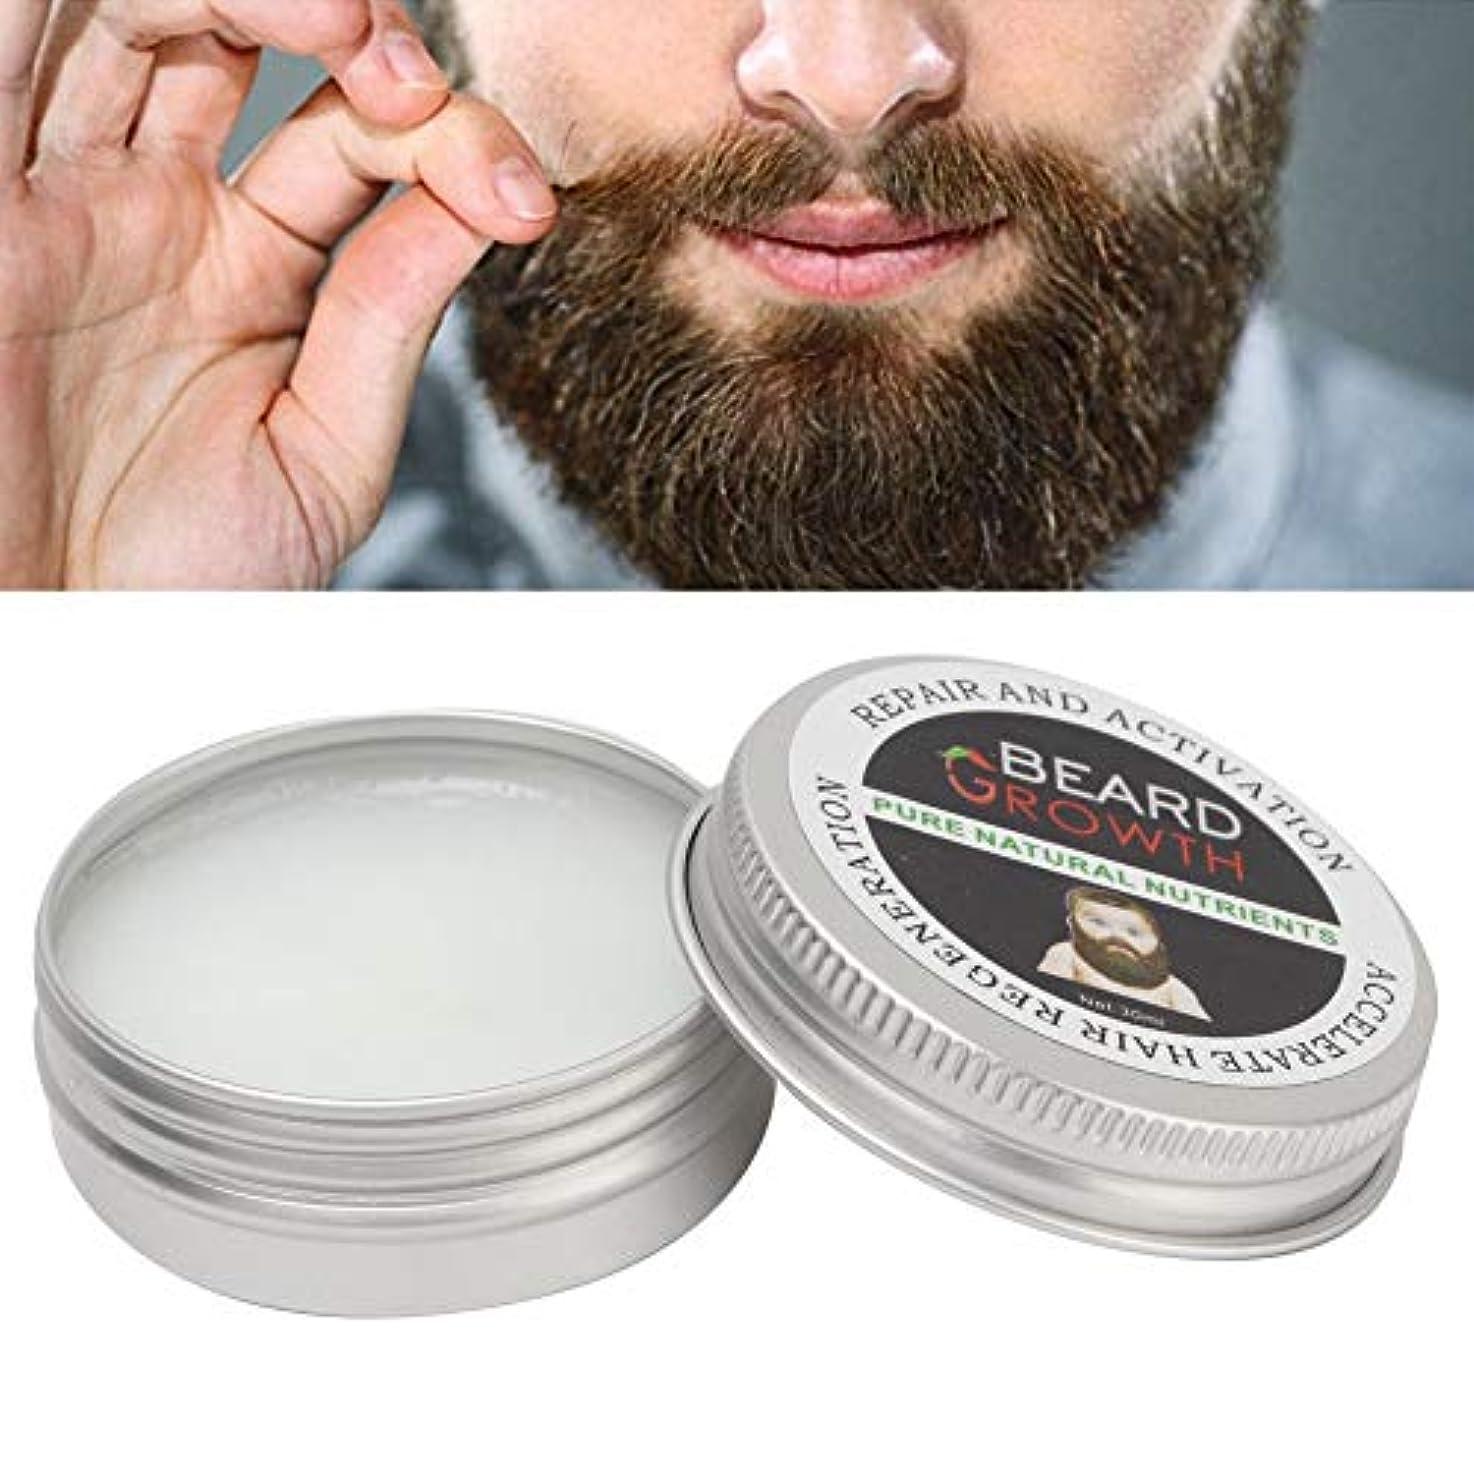 へこみダイジェスト名前を作るひげグルーミングワックス口ひげケアバーム、30 mlひげケアメンズひげグルーミングワックスリペアディープモイスチャライジングナリッシングフレグランス